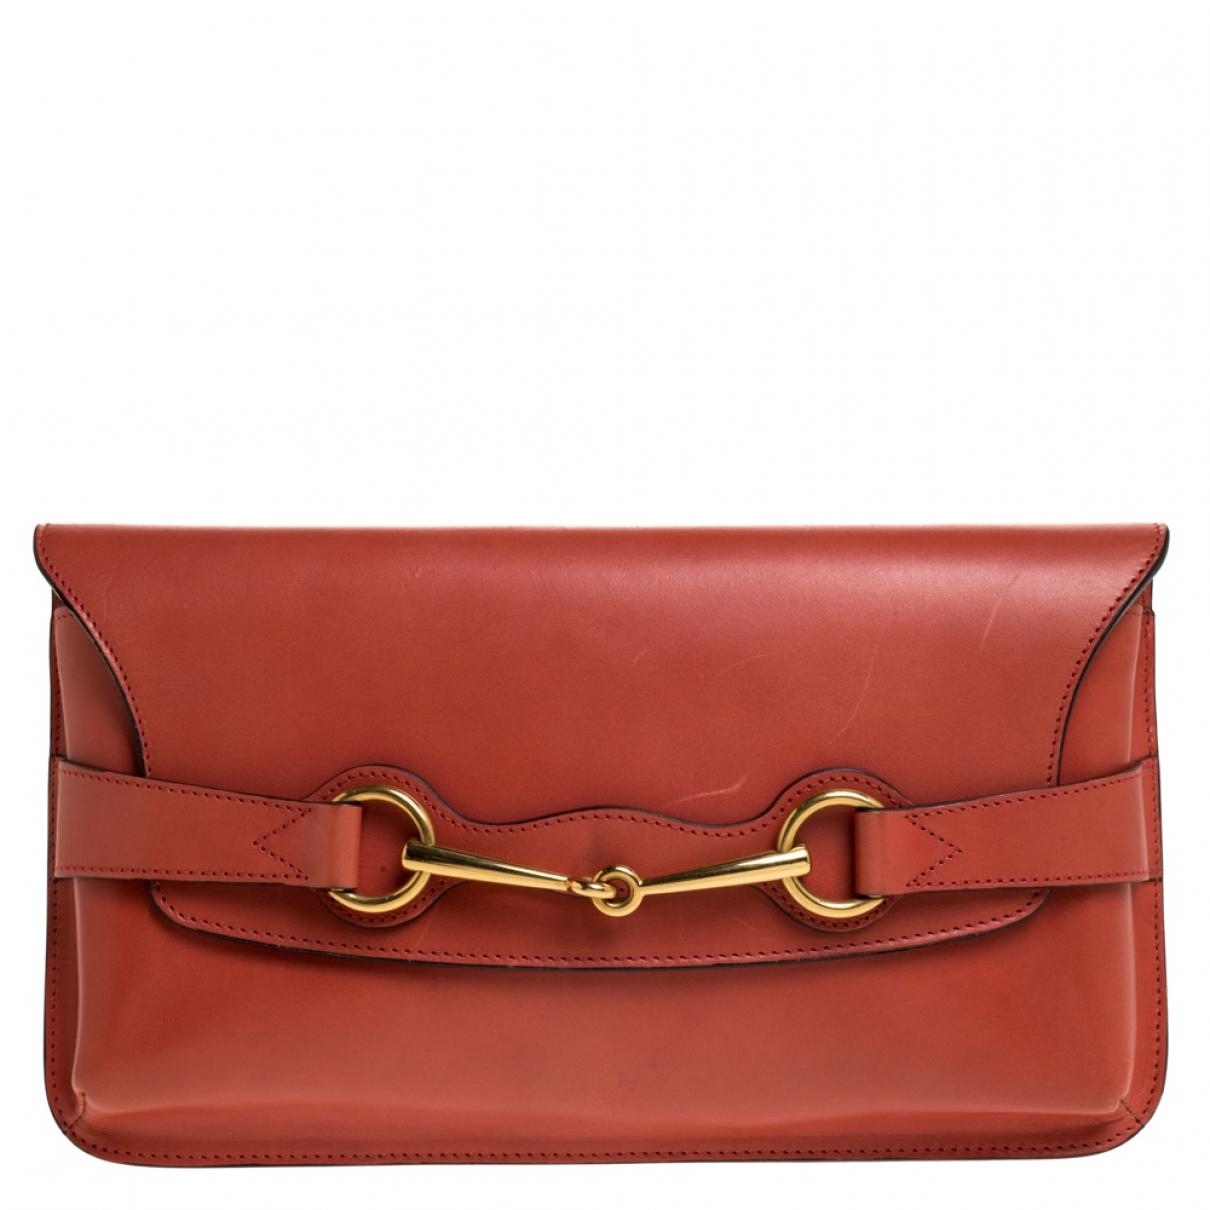 Gucci N Orange Leather Clutch bag for Women N